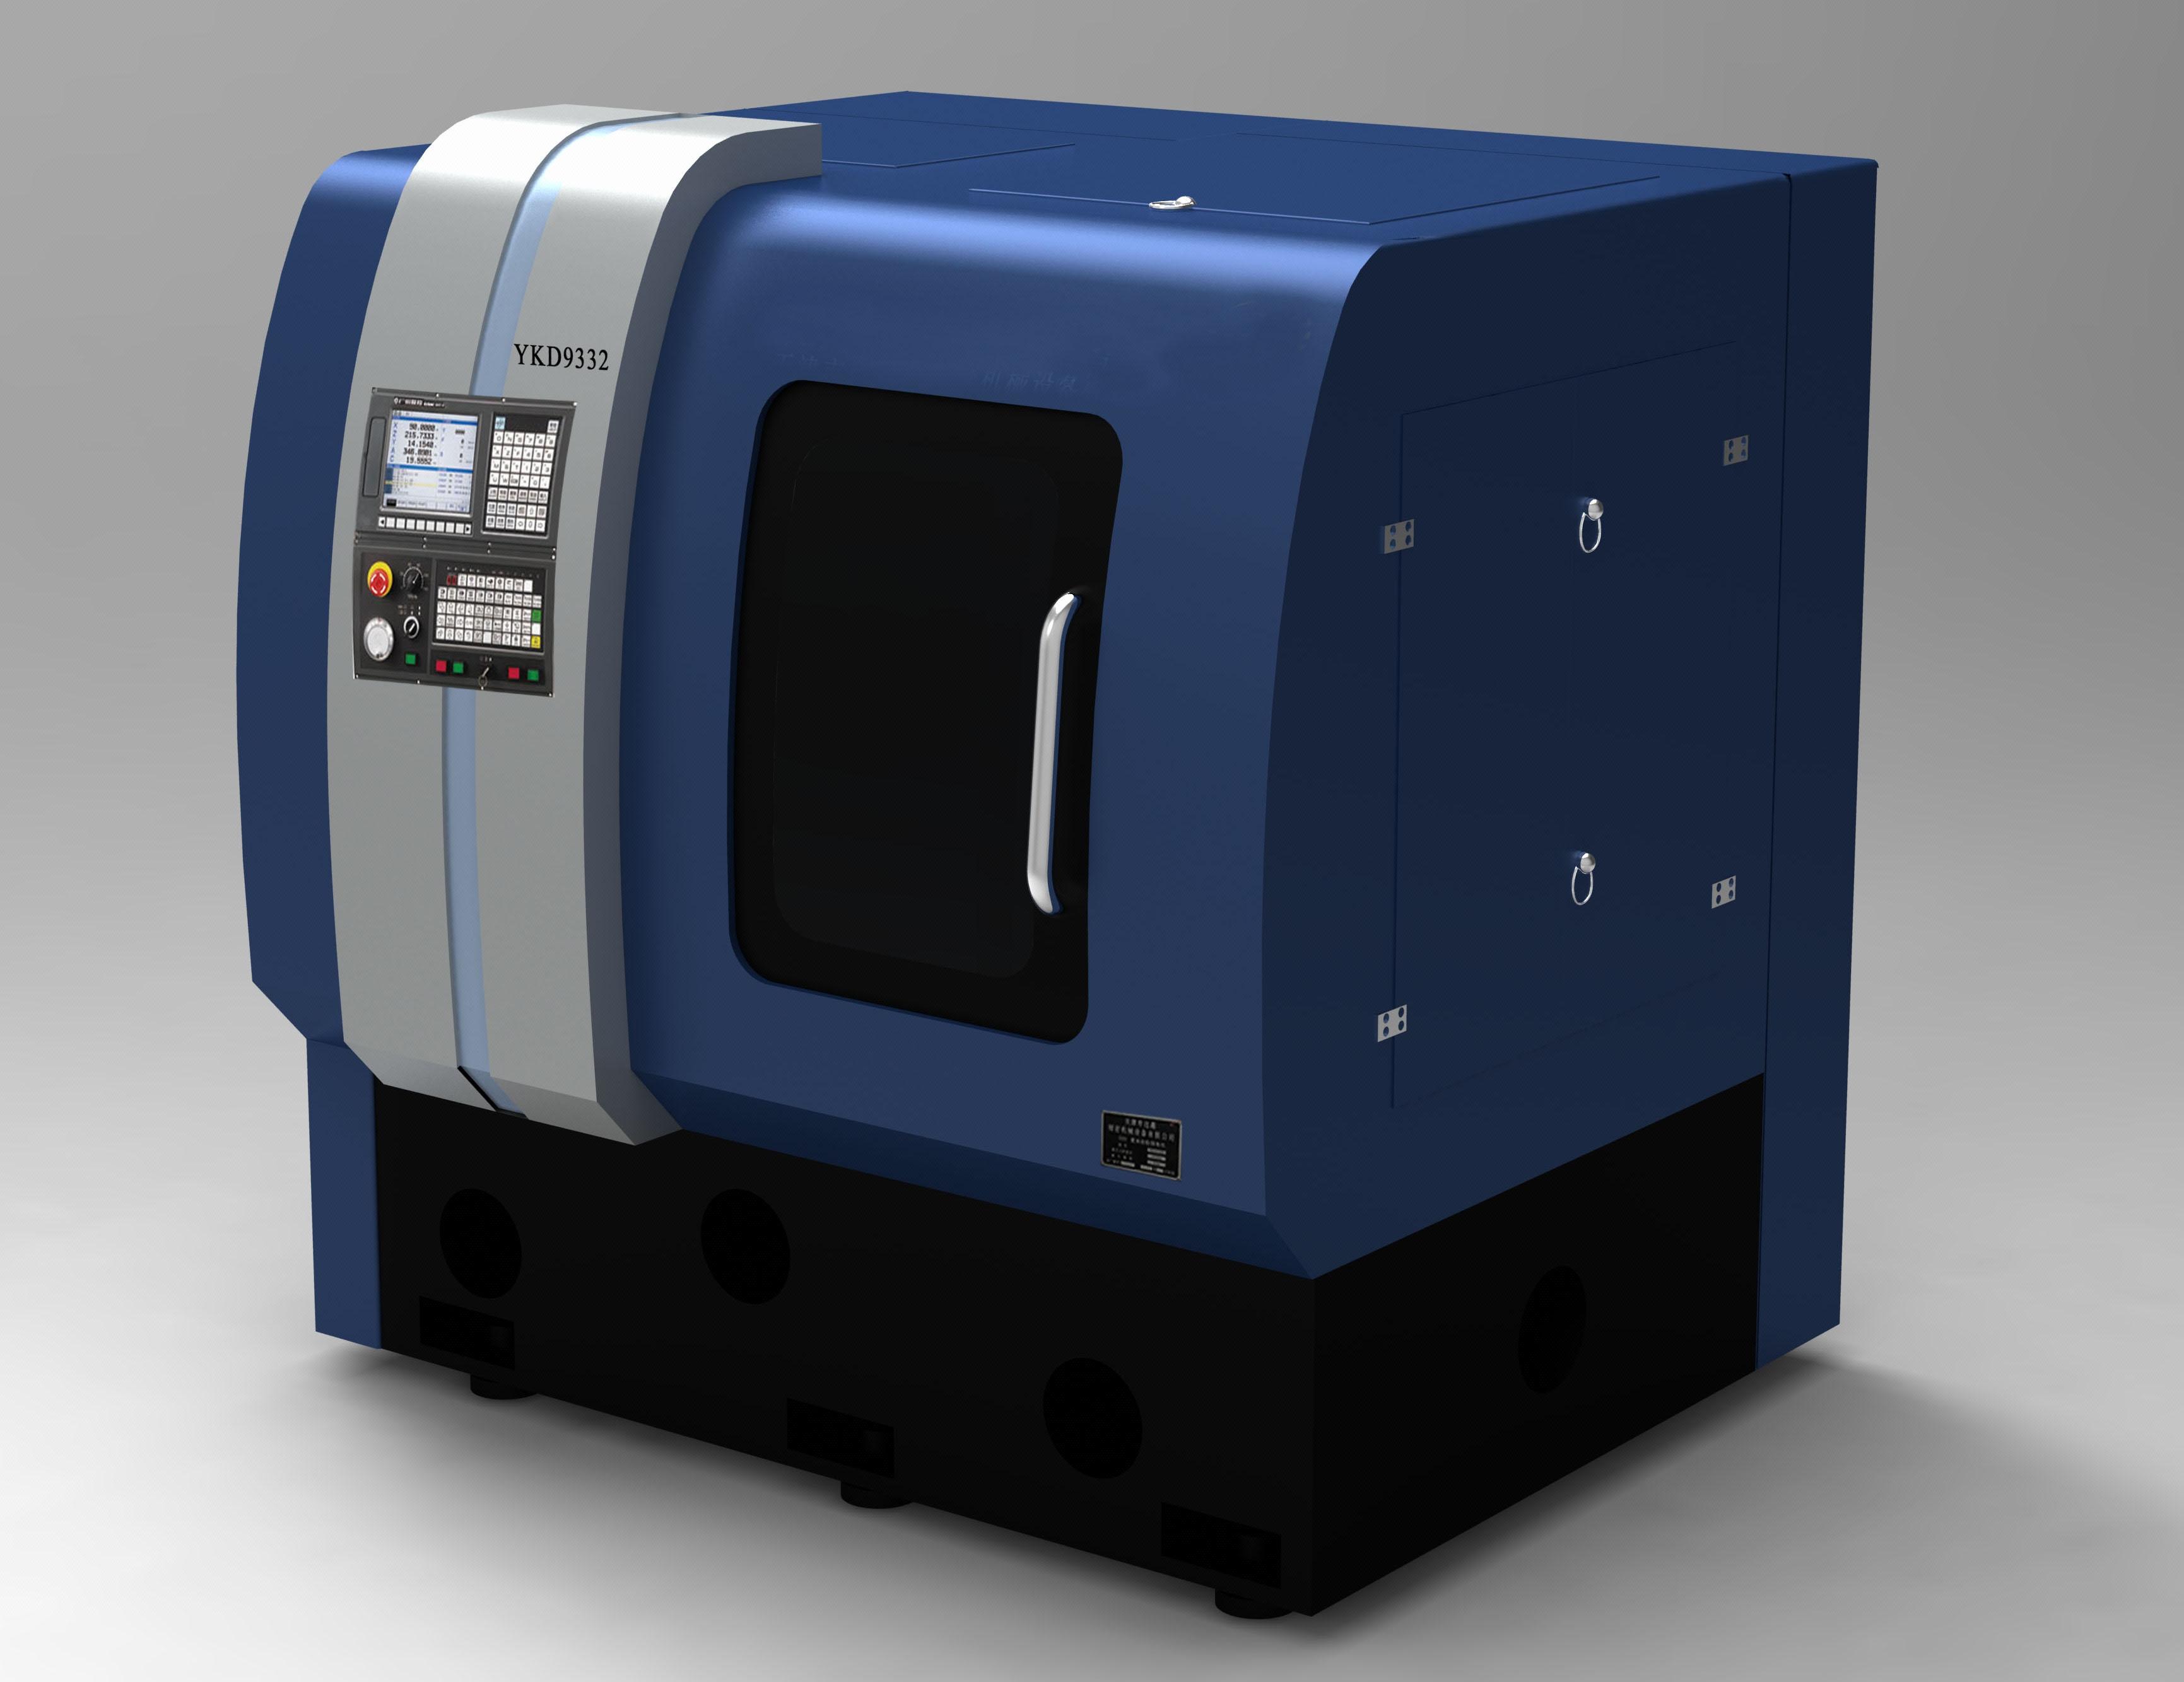 设备机床车床仪器仪表数控装置工业设计产品设计产品外观设计结构